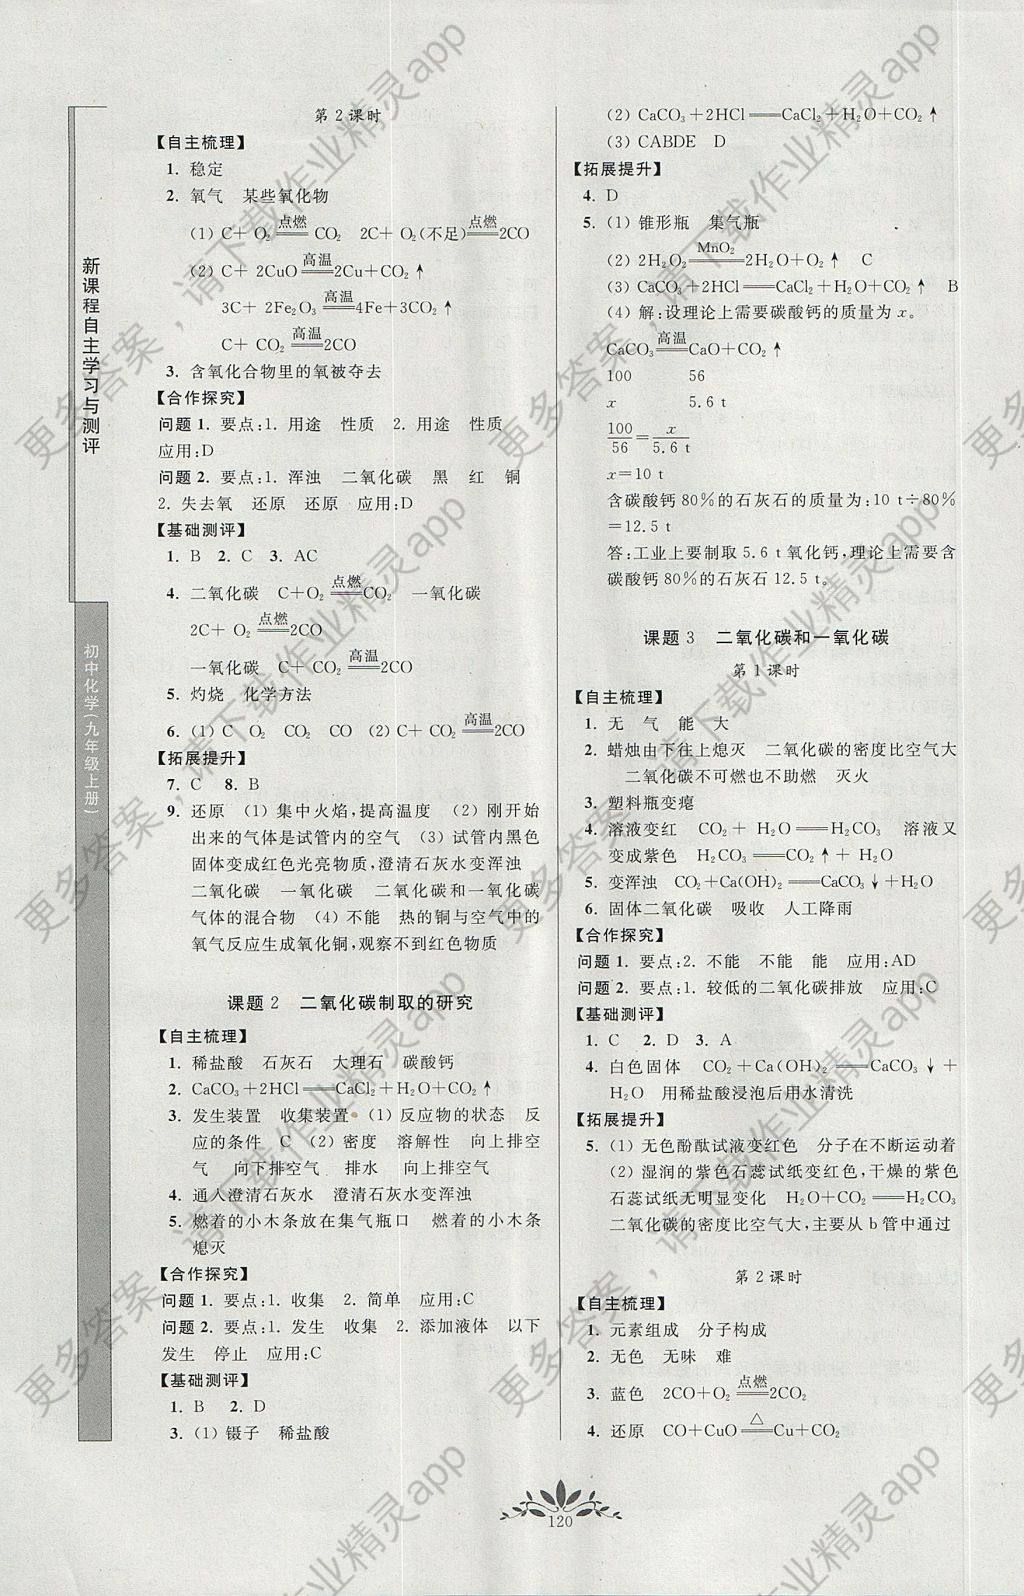 2017年新课程自主v课程与测评化学年级九初中2017模查分安庆一初中图片